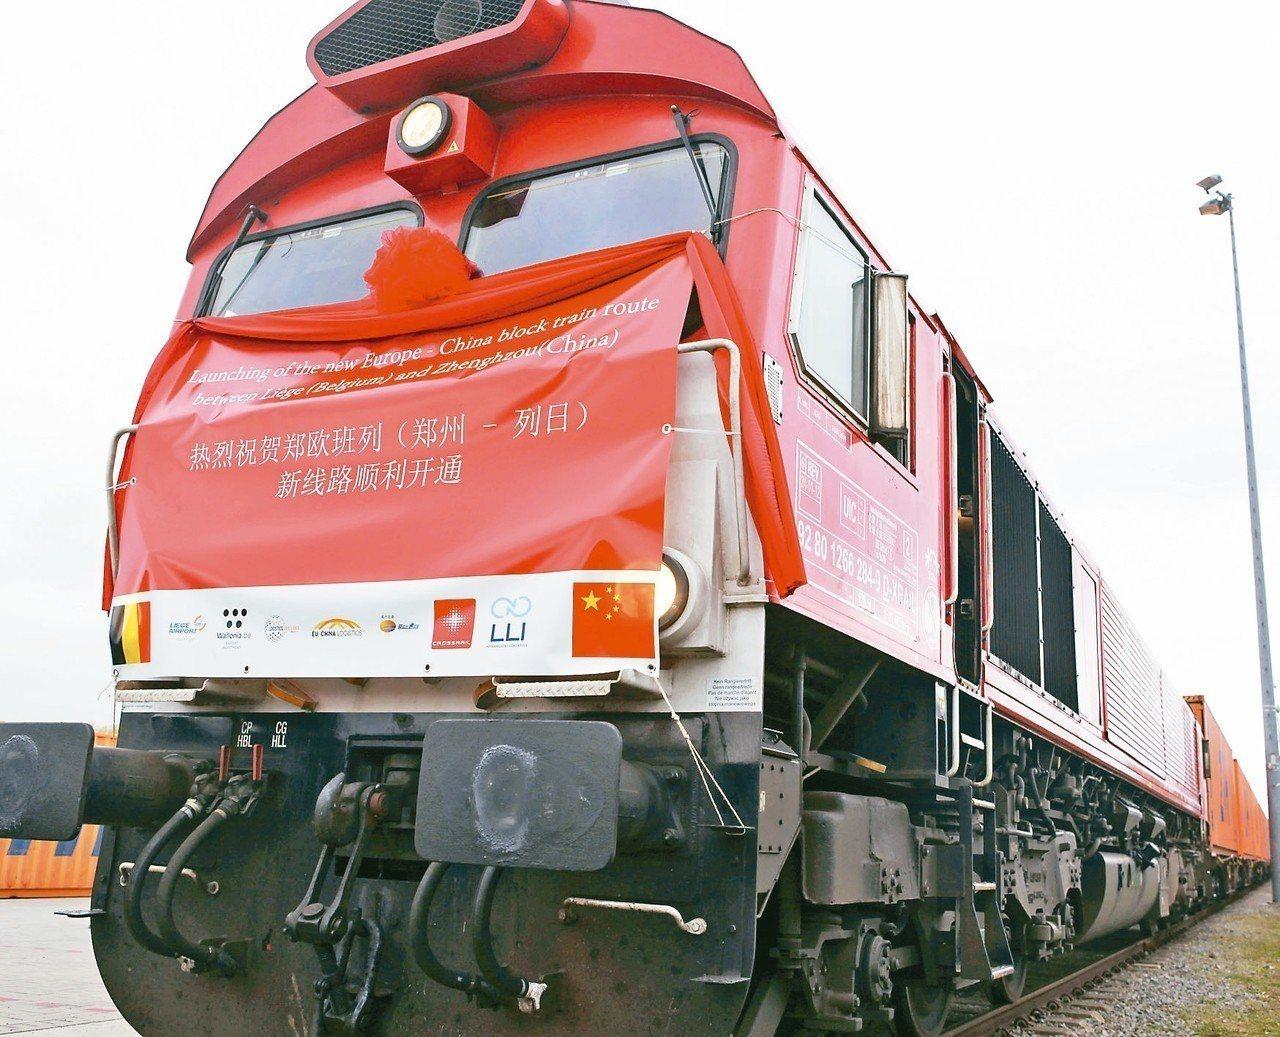 河南鄭州至比利時物流樞紐列日的中歐班列24日開通。 中新社